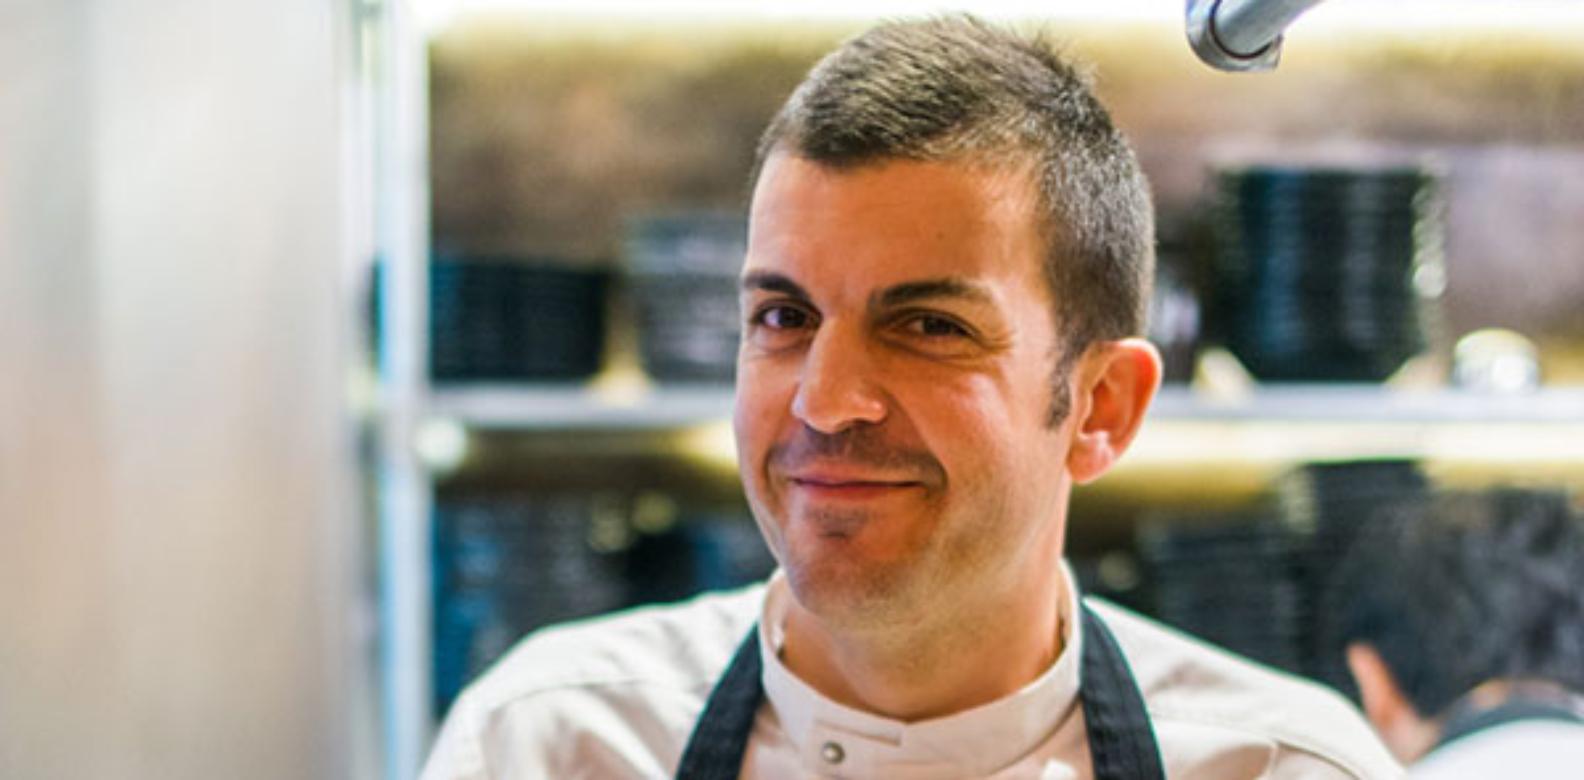 Innovative and Bold Chef: Pepe Moncayo, Bam!